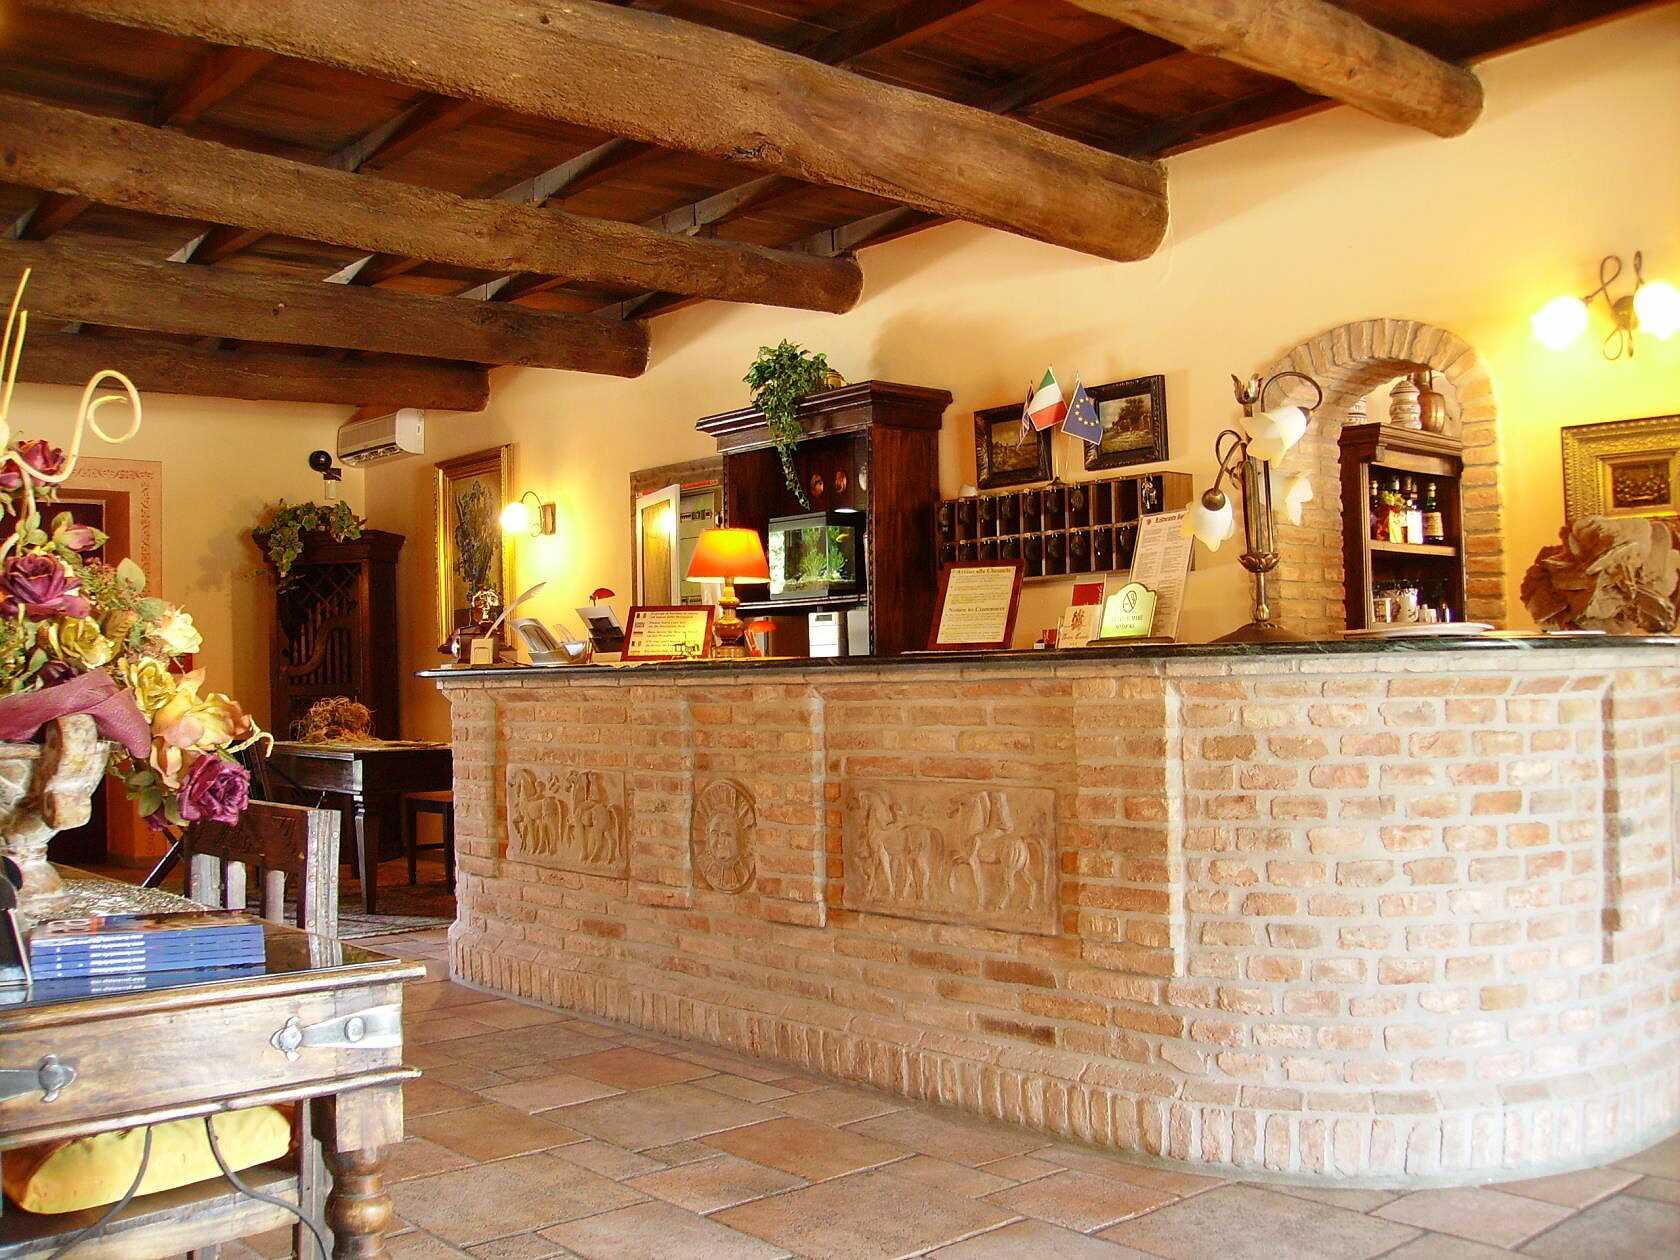 Hotel_Antico_Casale_Ferrara_Reception